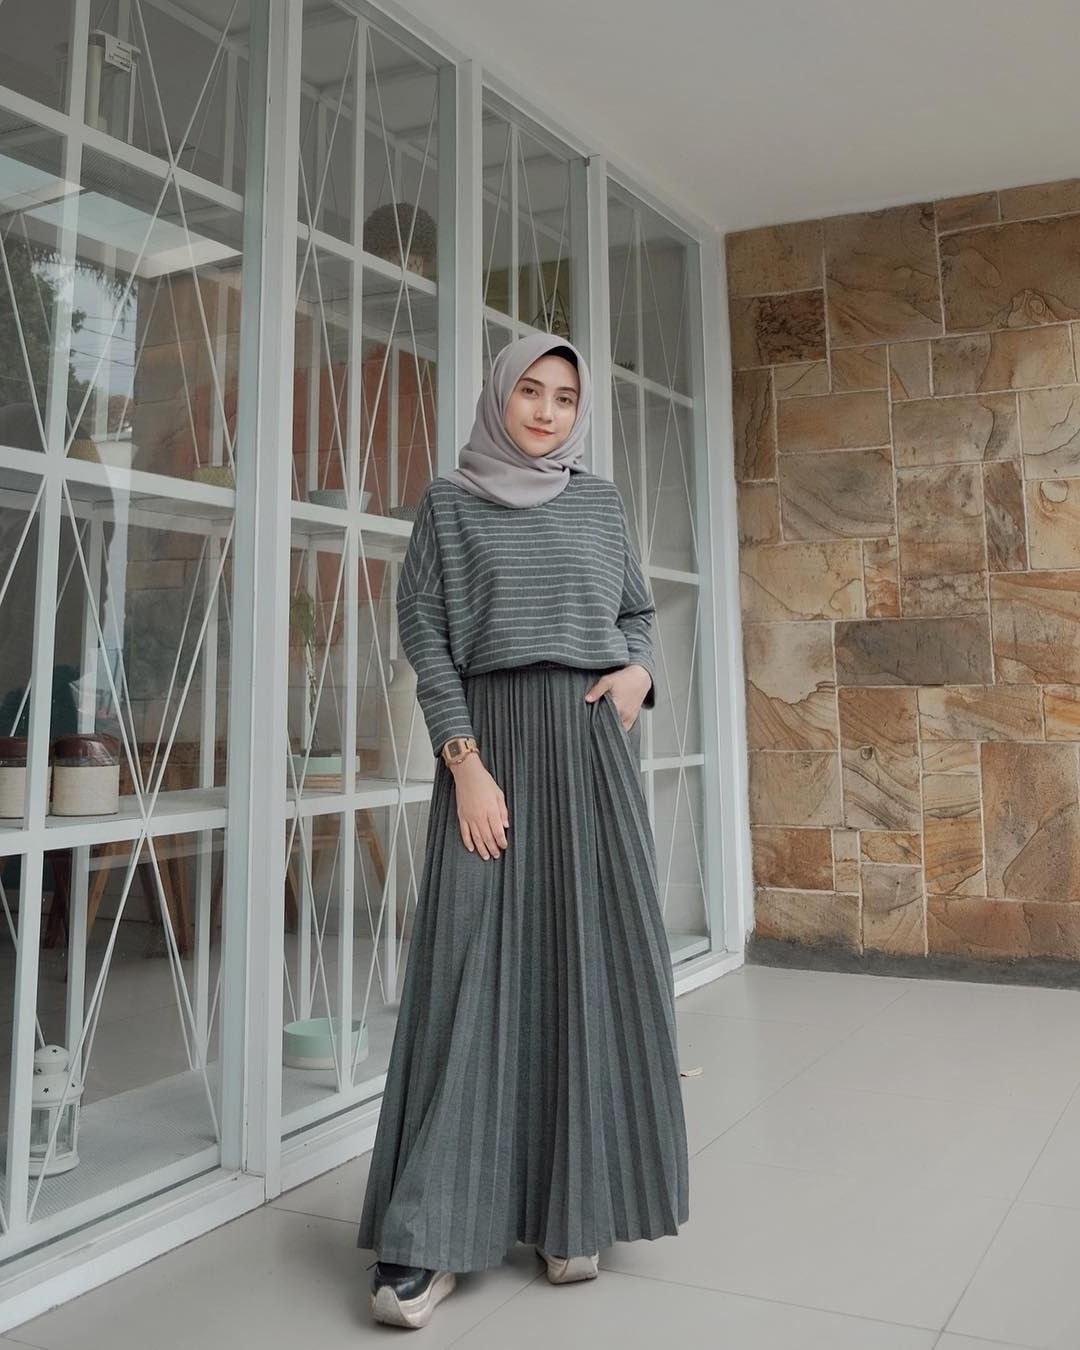 Ide Gambar Baju Lebaran 2019 E6d5 Baju Muslim Lebaran Terbaru 2019 Dengan Gambar